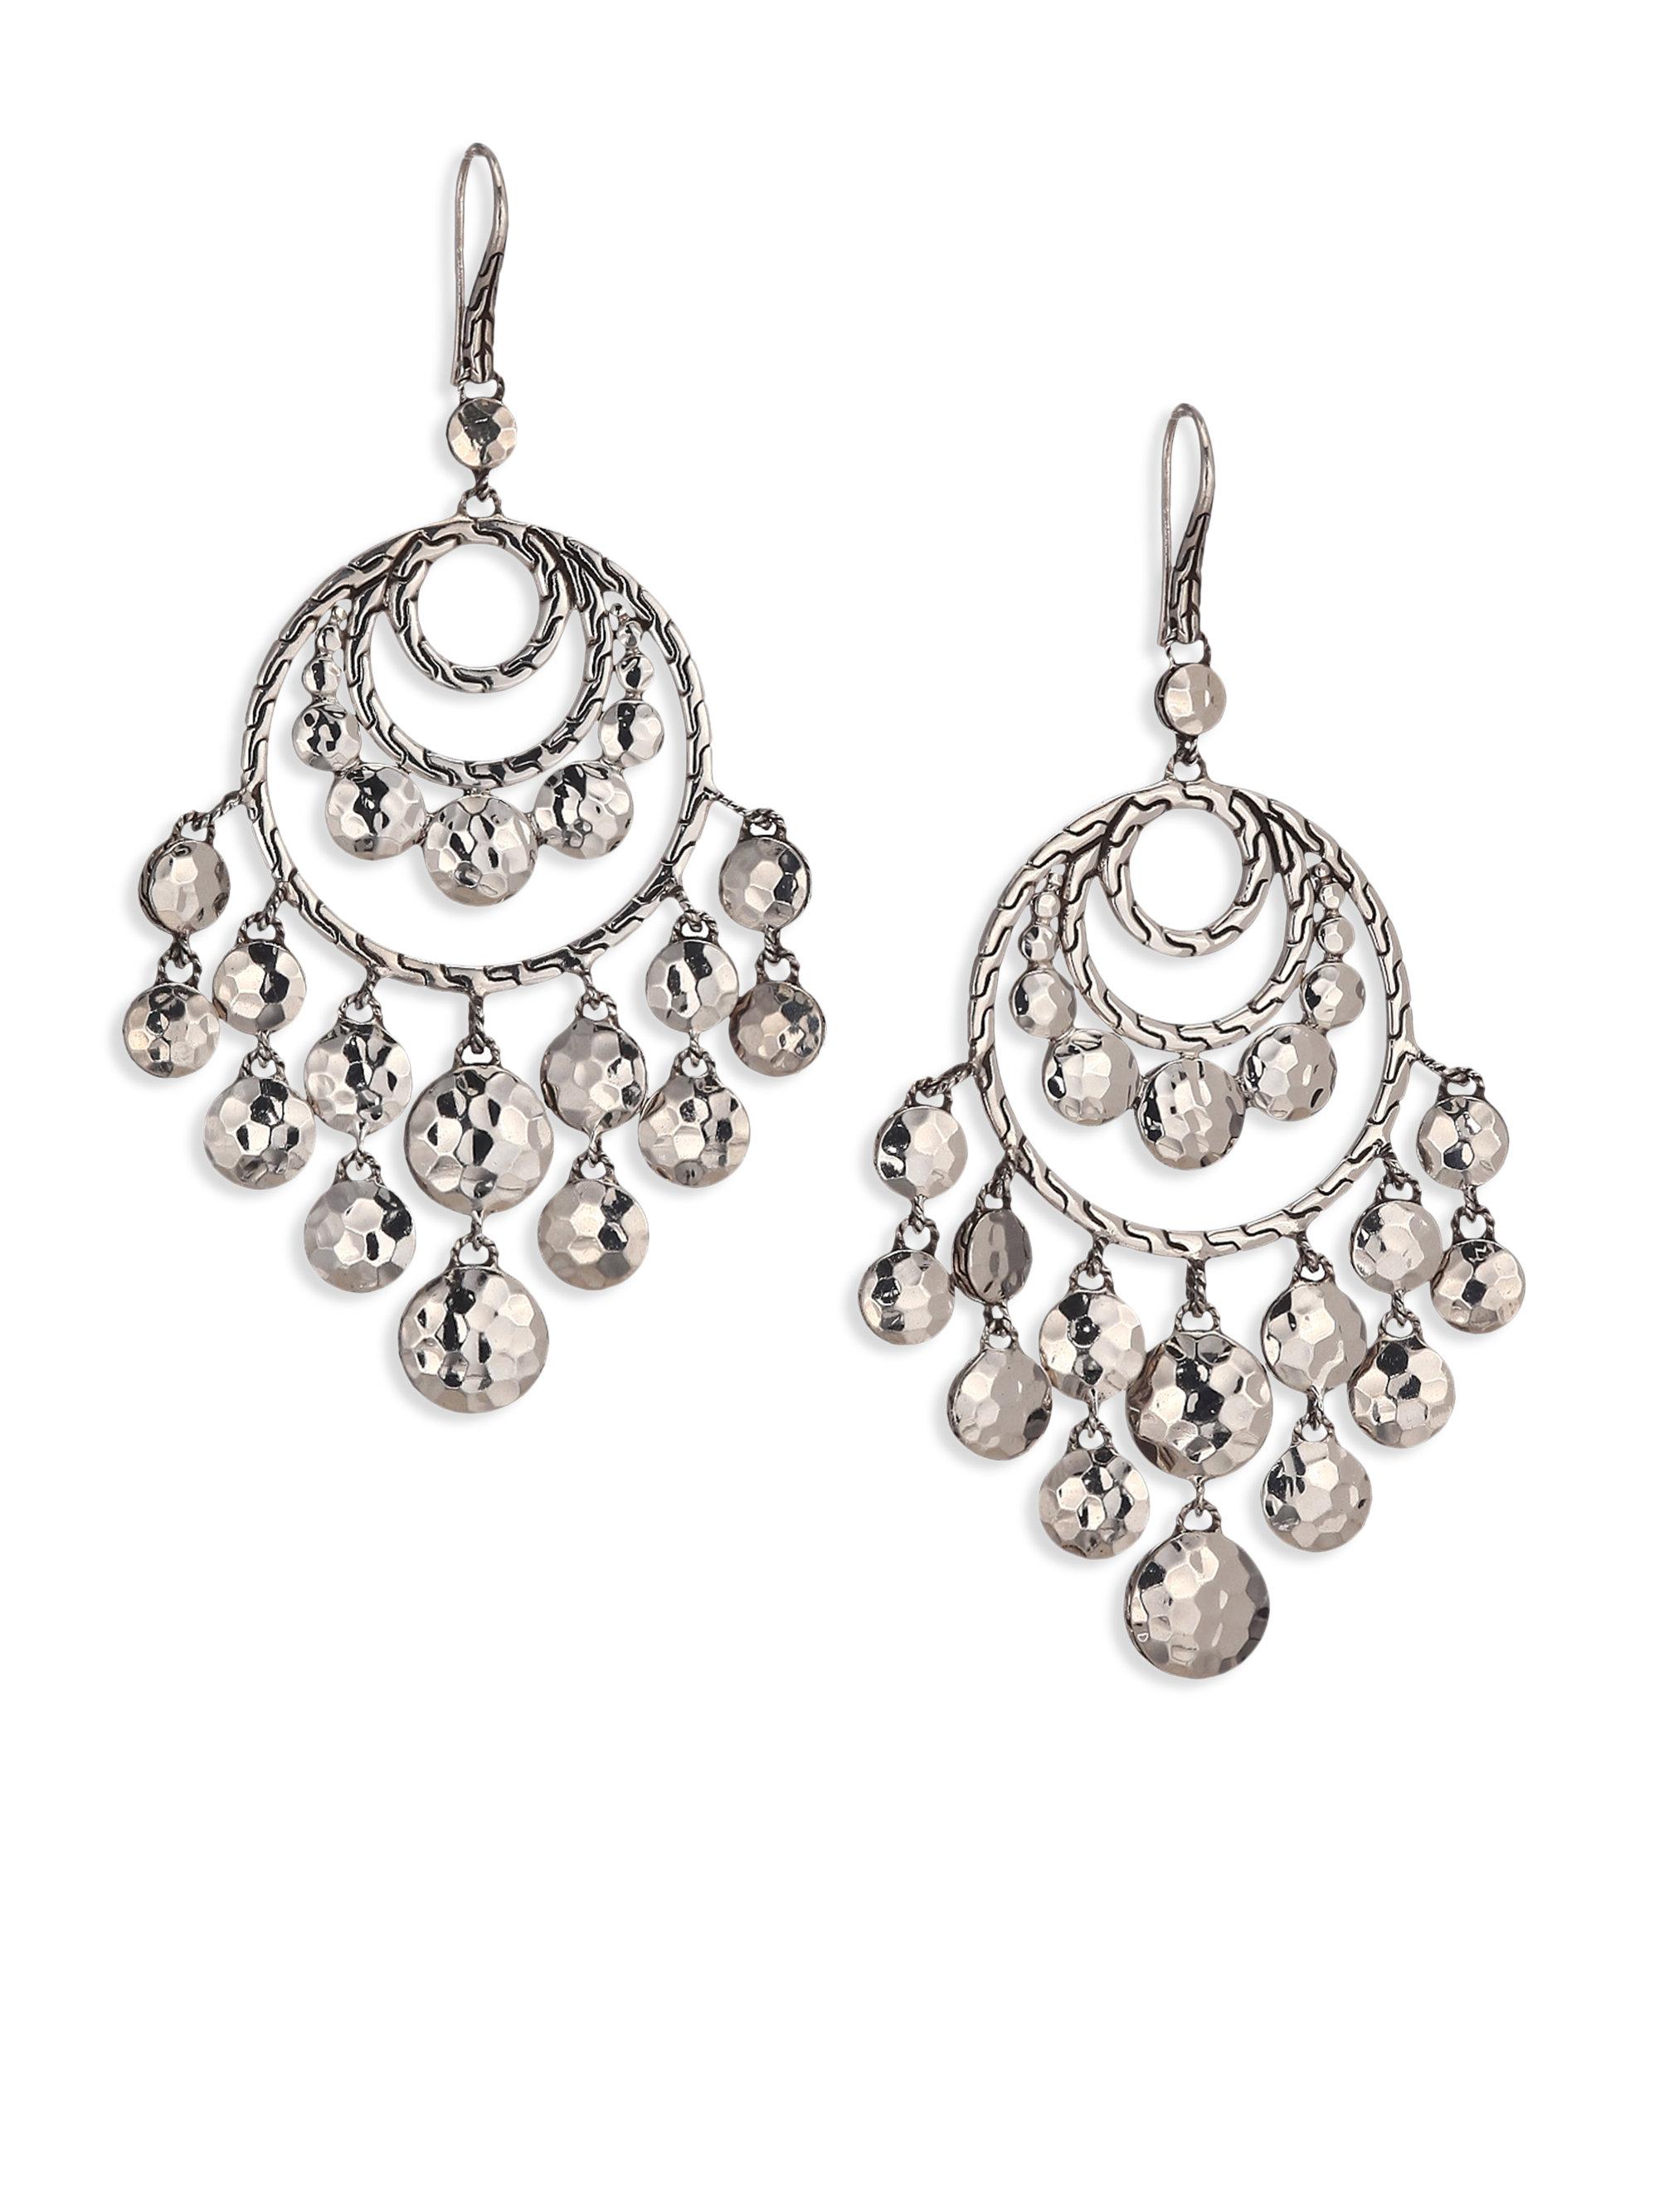 John hardy palu sterling silver disc chandelier earrings for John hardy jewelry earrings